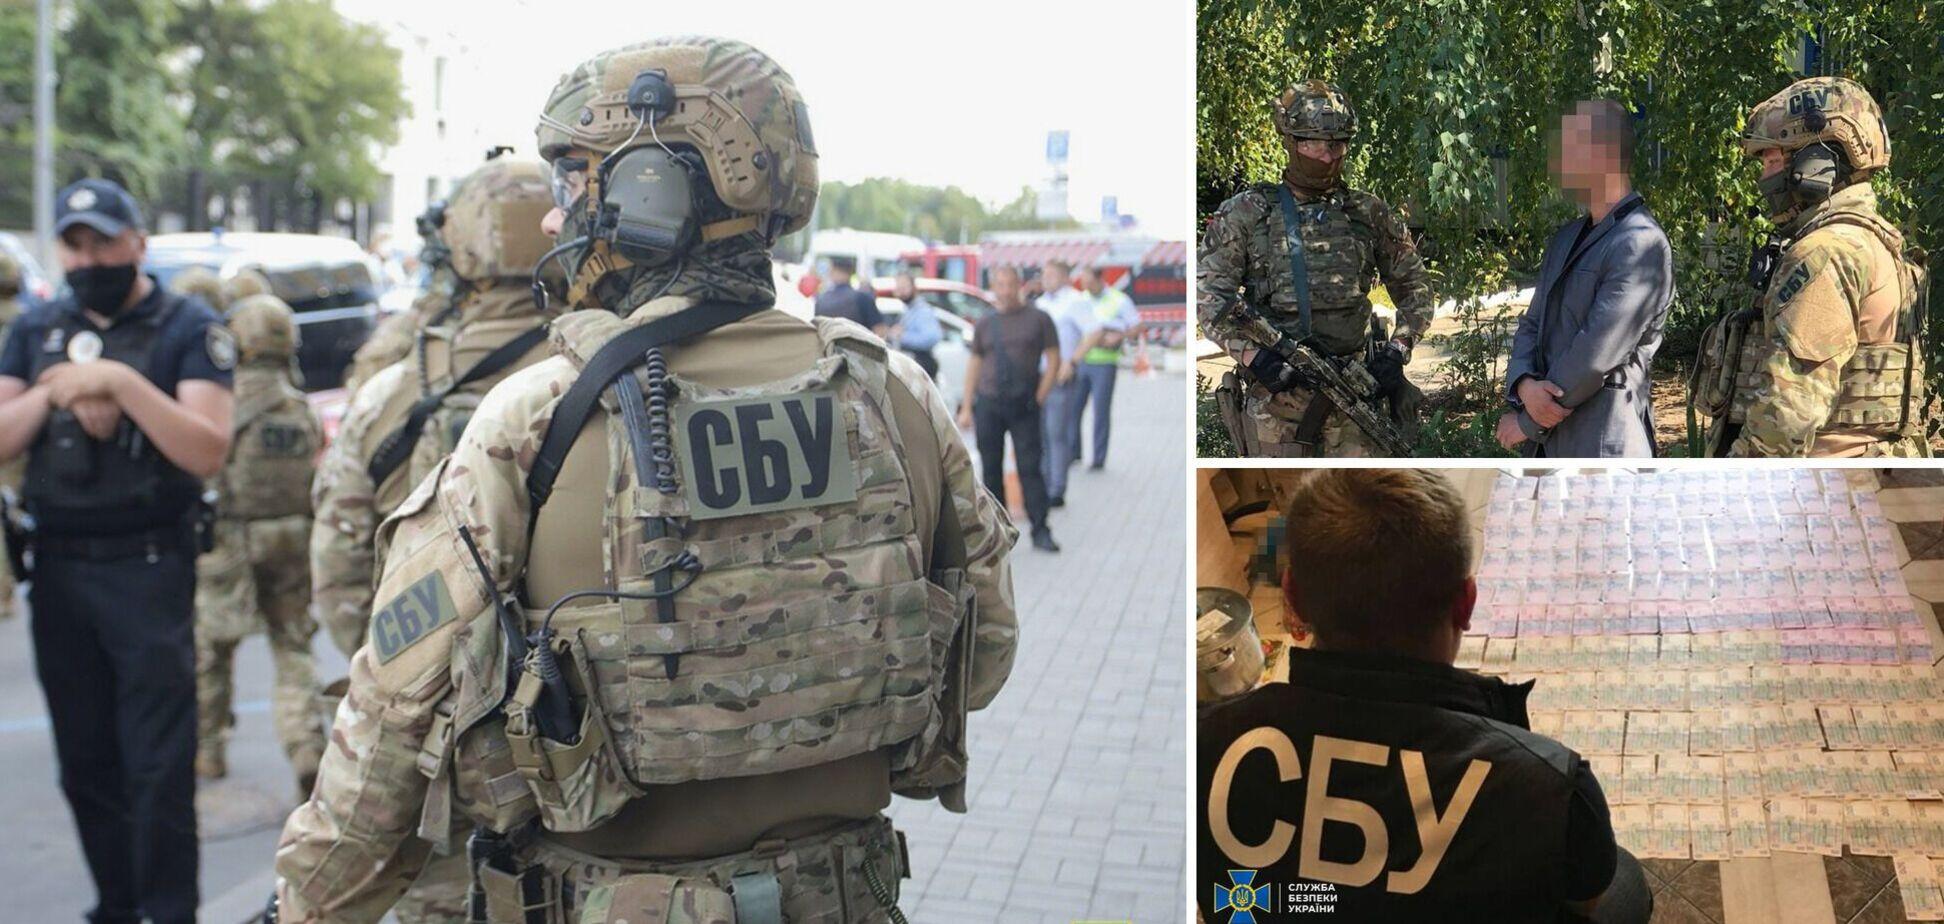 Терор на Одещині, 'розпродаж' гранатометів у Миколаєві та корупційні схеми в УЗ: які справи викрила СБУ